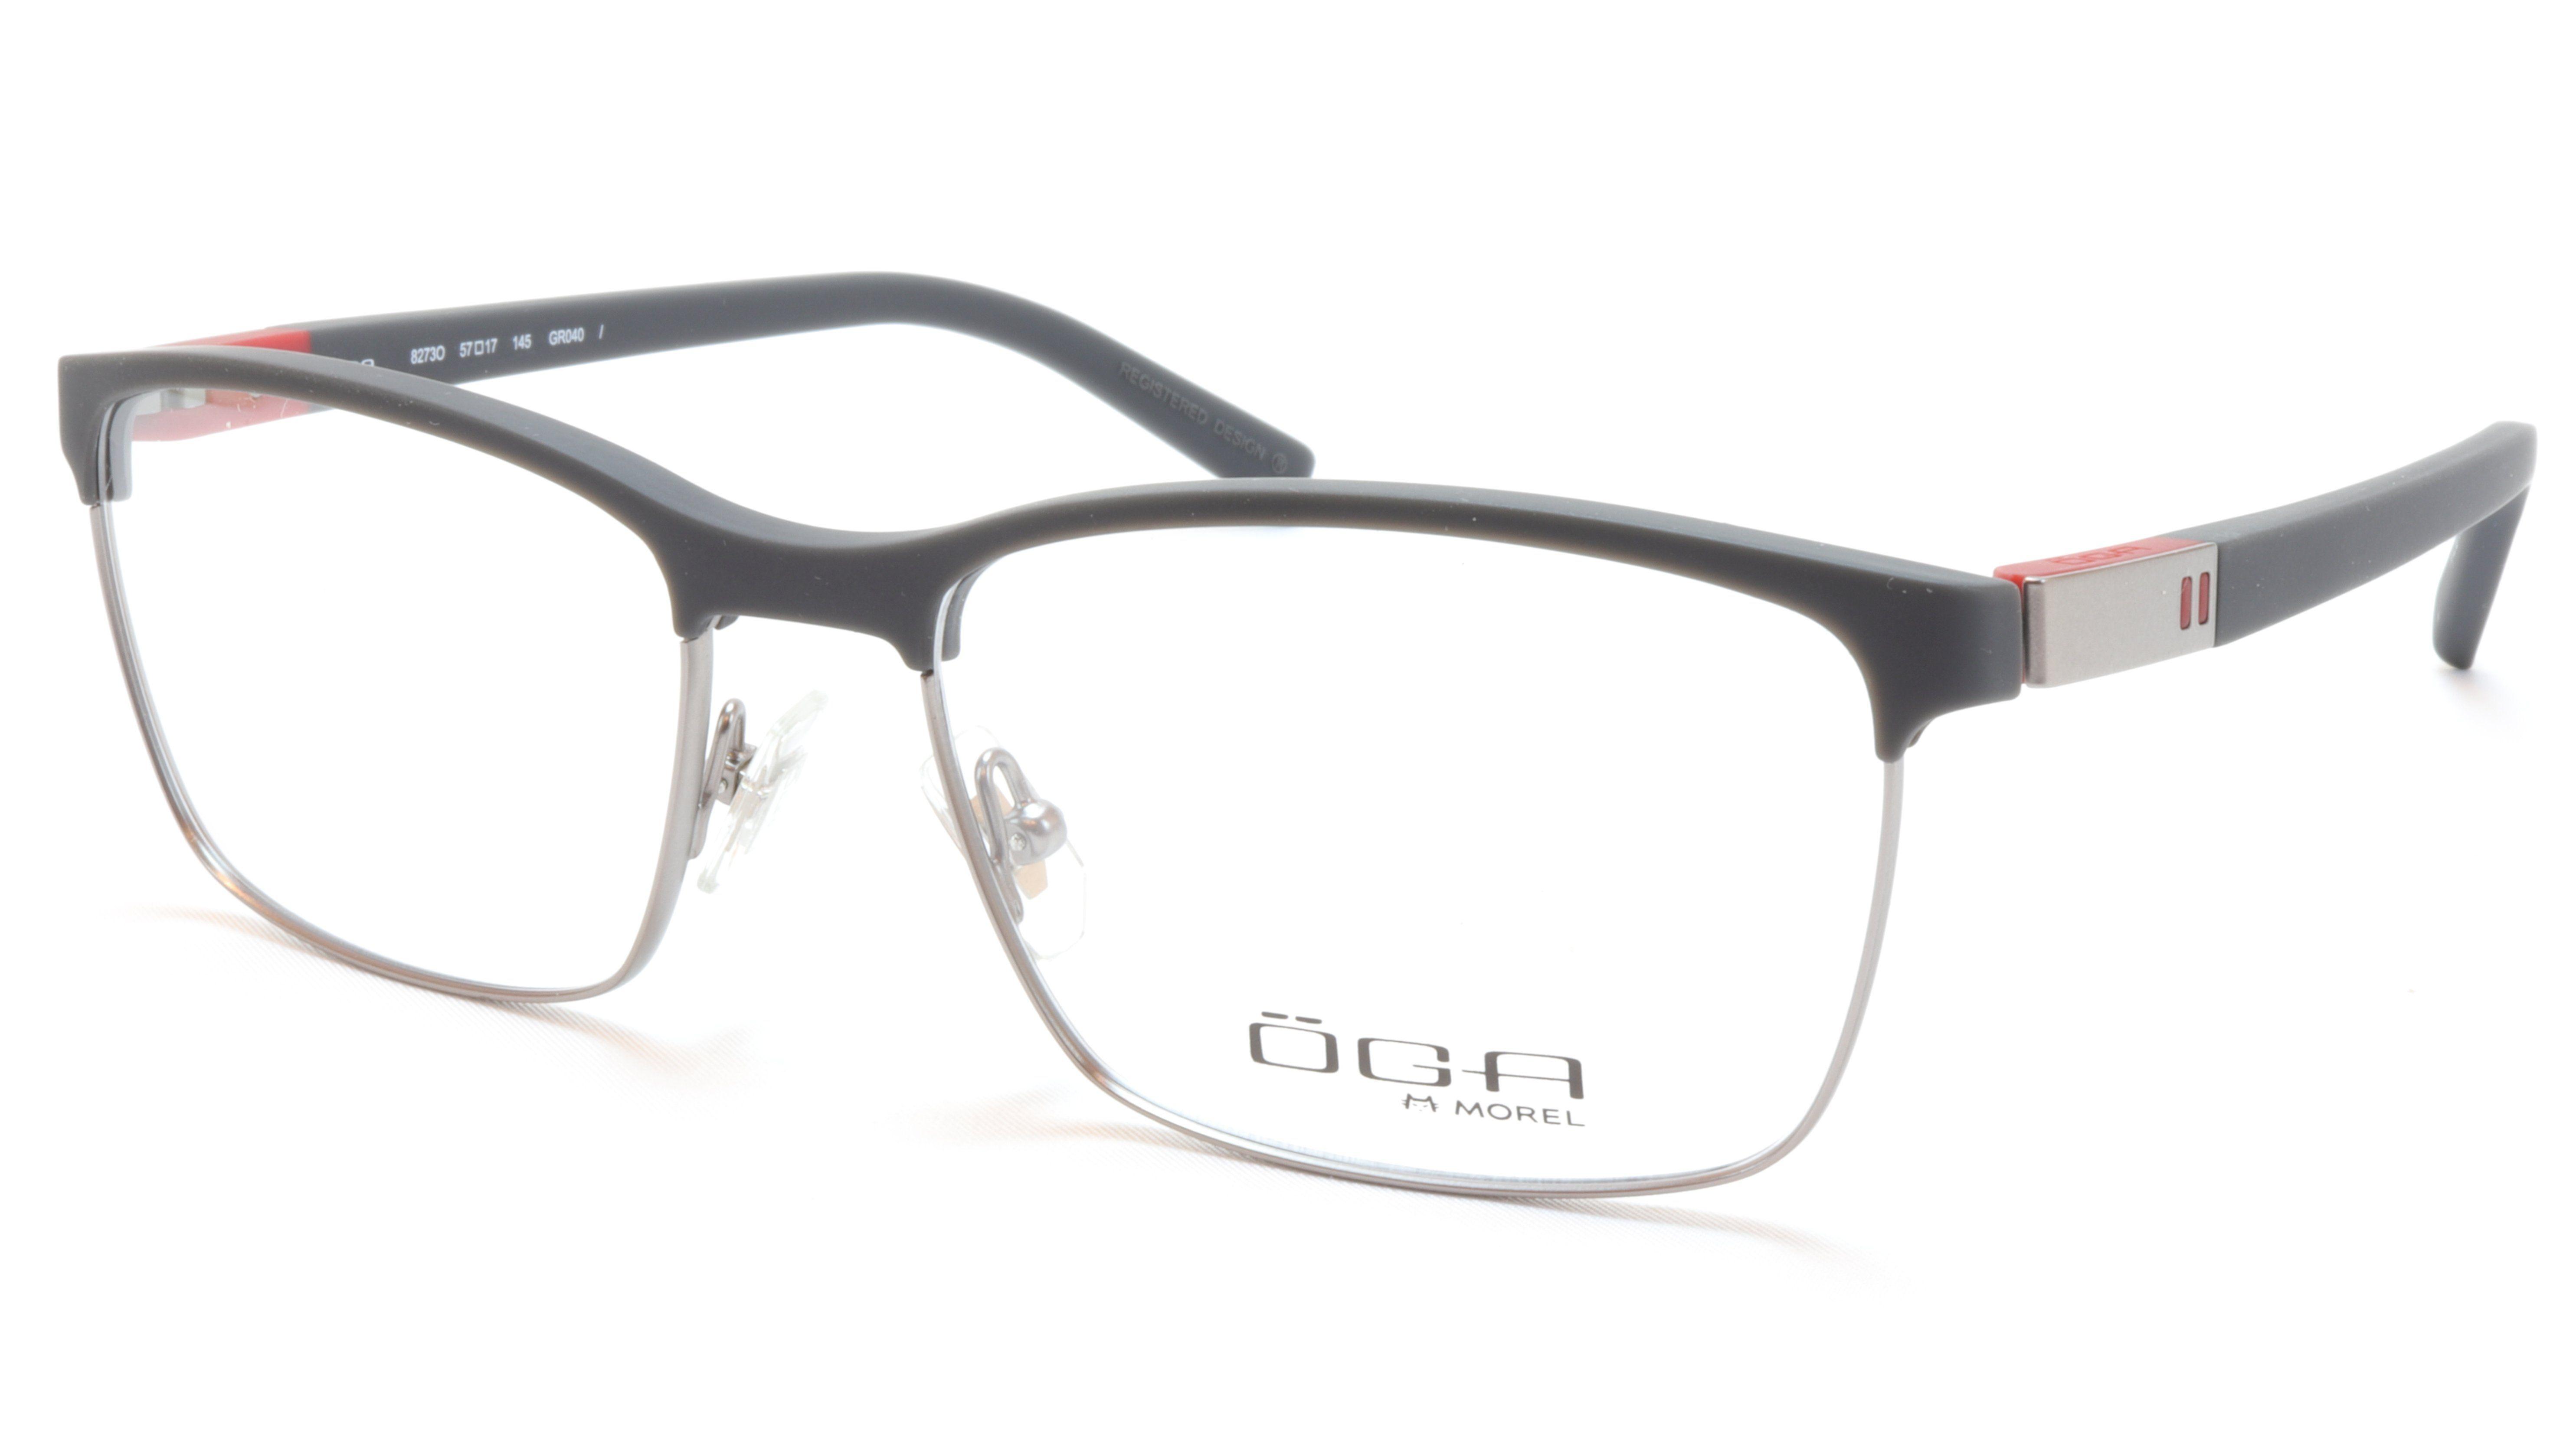 2fbf150e59b2 OGA Morel Eyeglasses Frame 82730 GR040 Acetate Matt Black Gunmetal Red  France